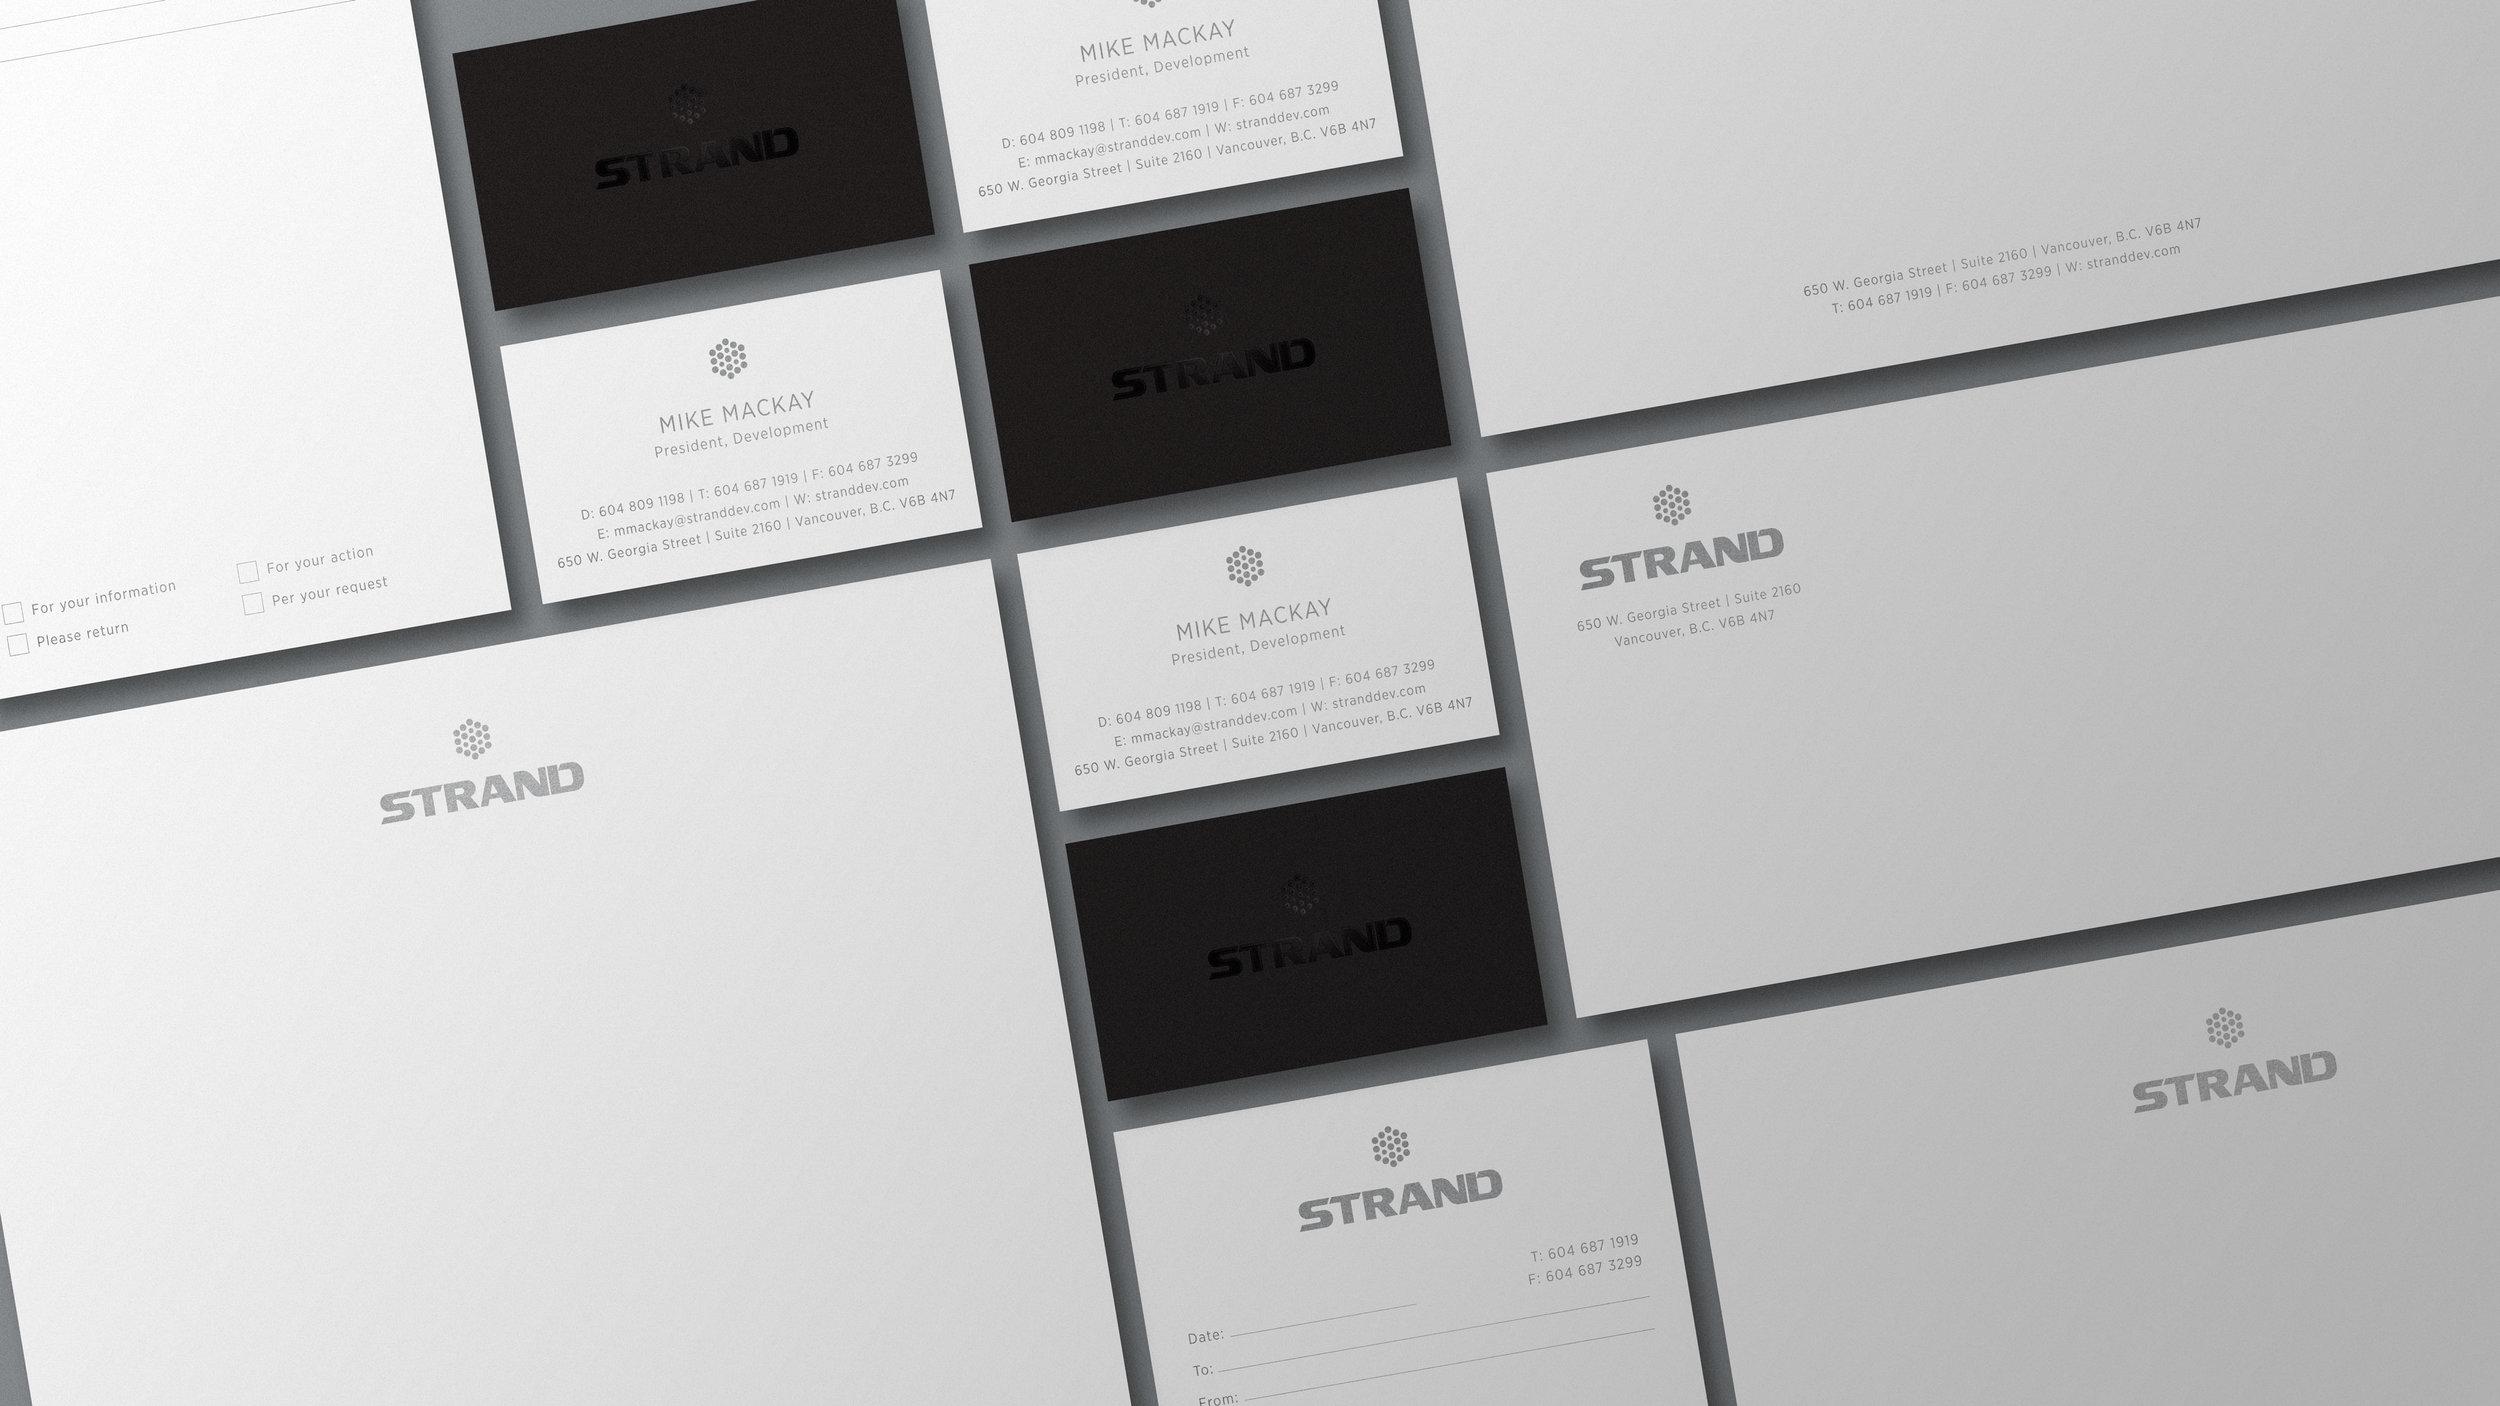 Markus-Wreland-Strand-02.jpg